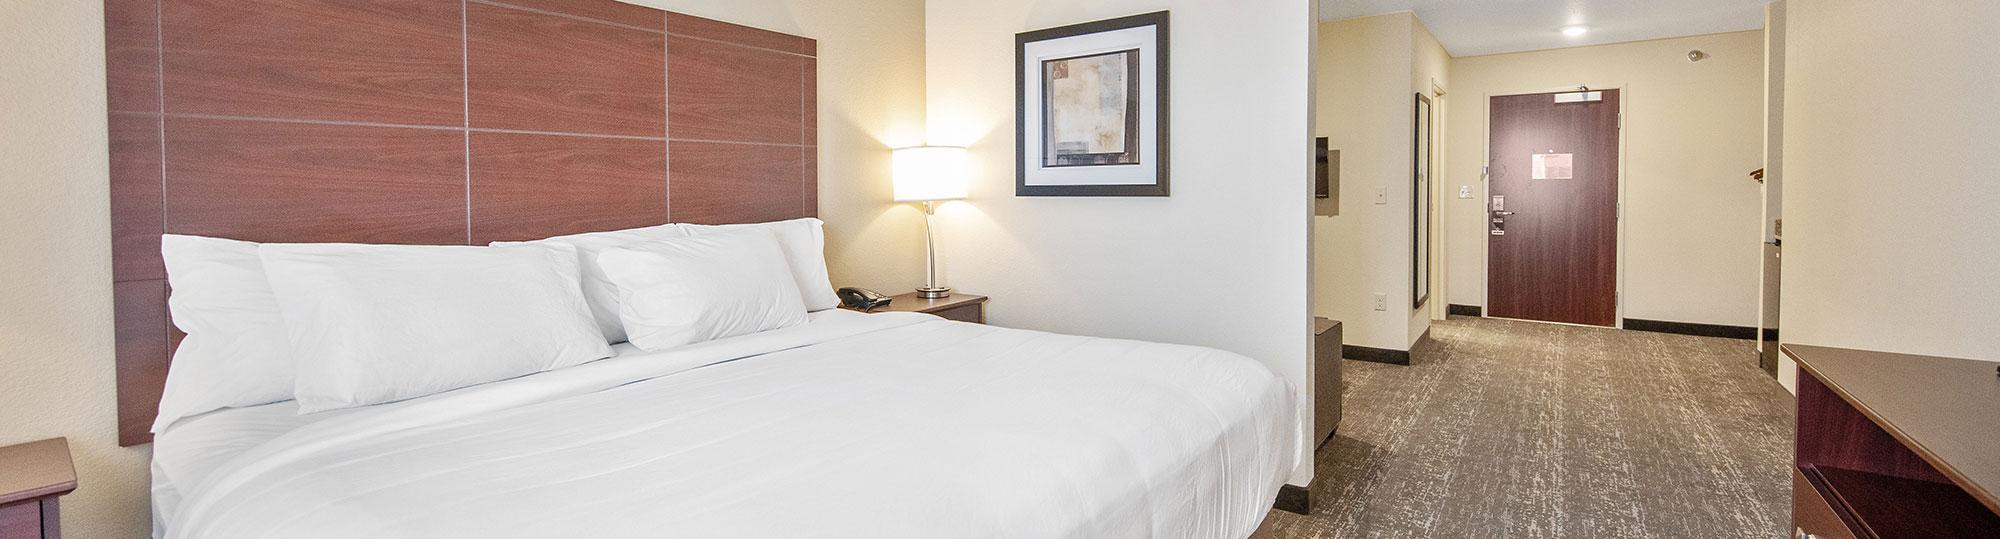 Cobblestone Hotel & Suites Austin